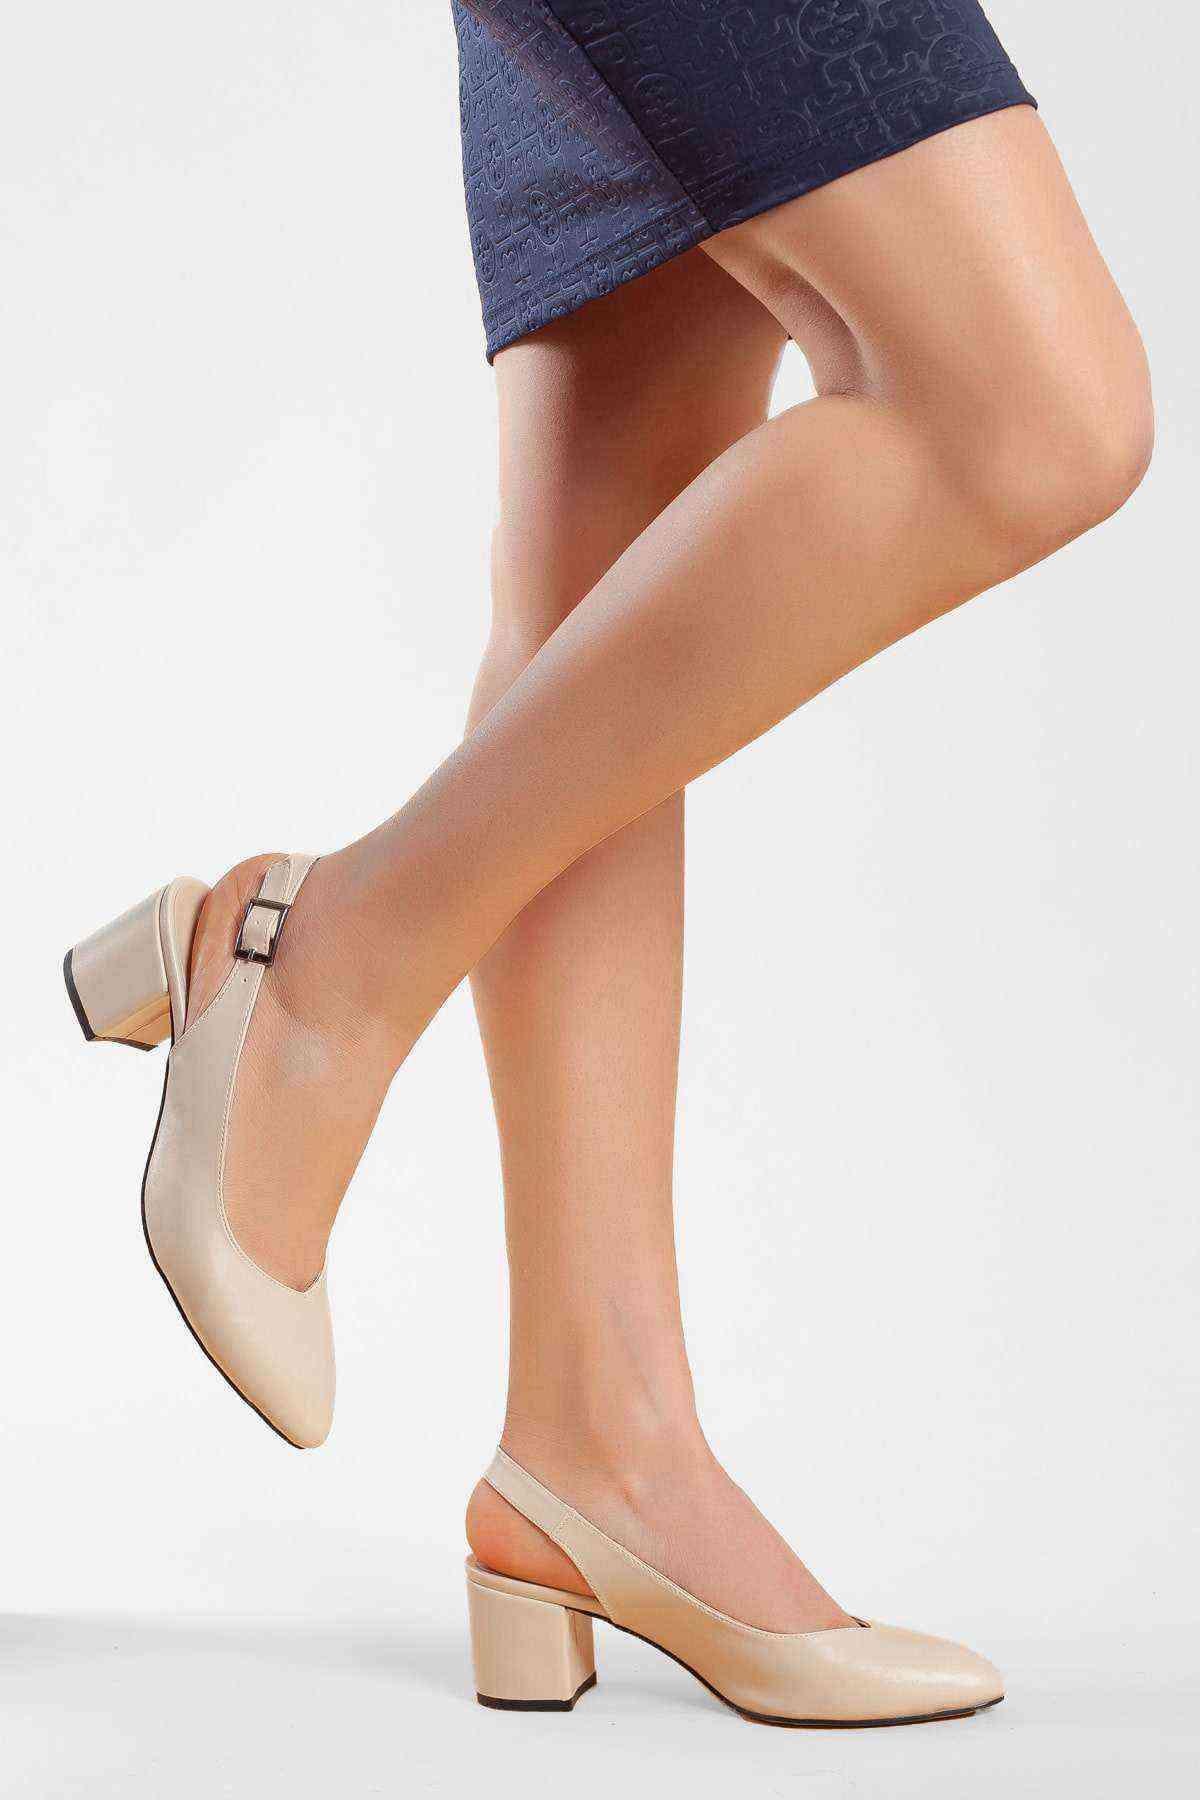 Kadın Topuklu Ayakkabı - Vizon Cilt